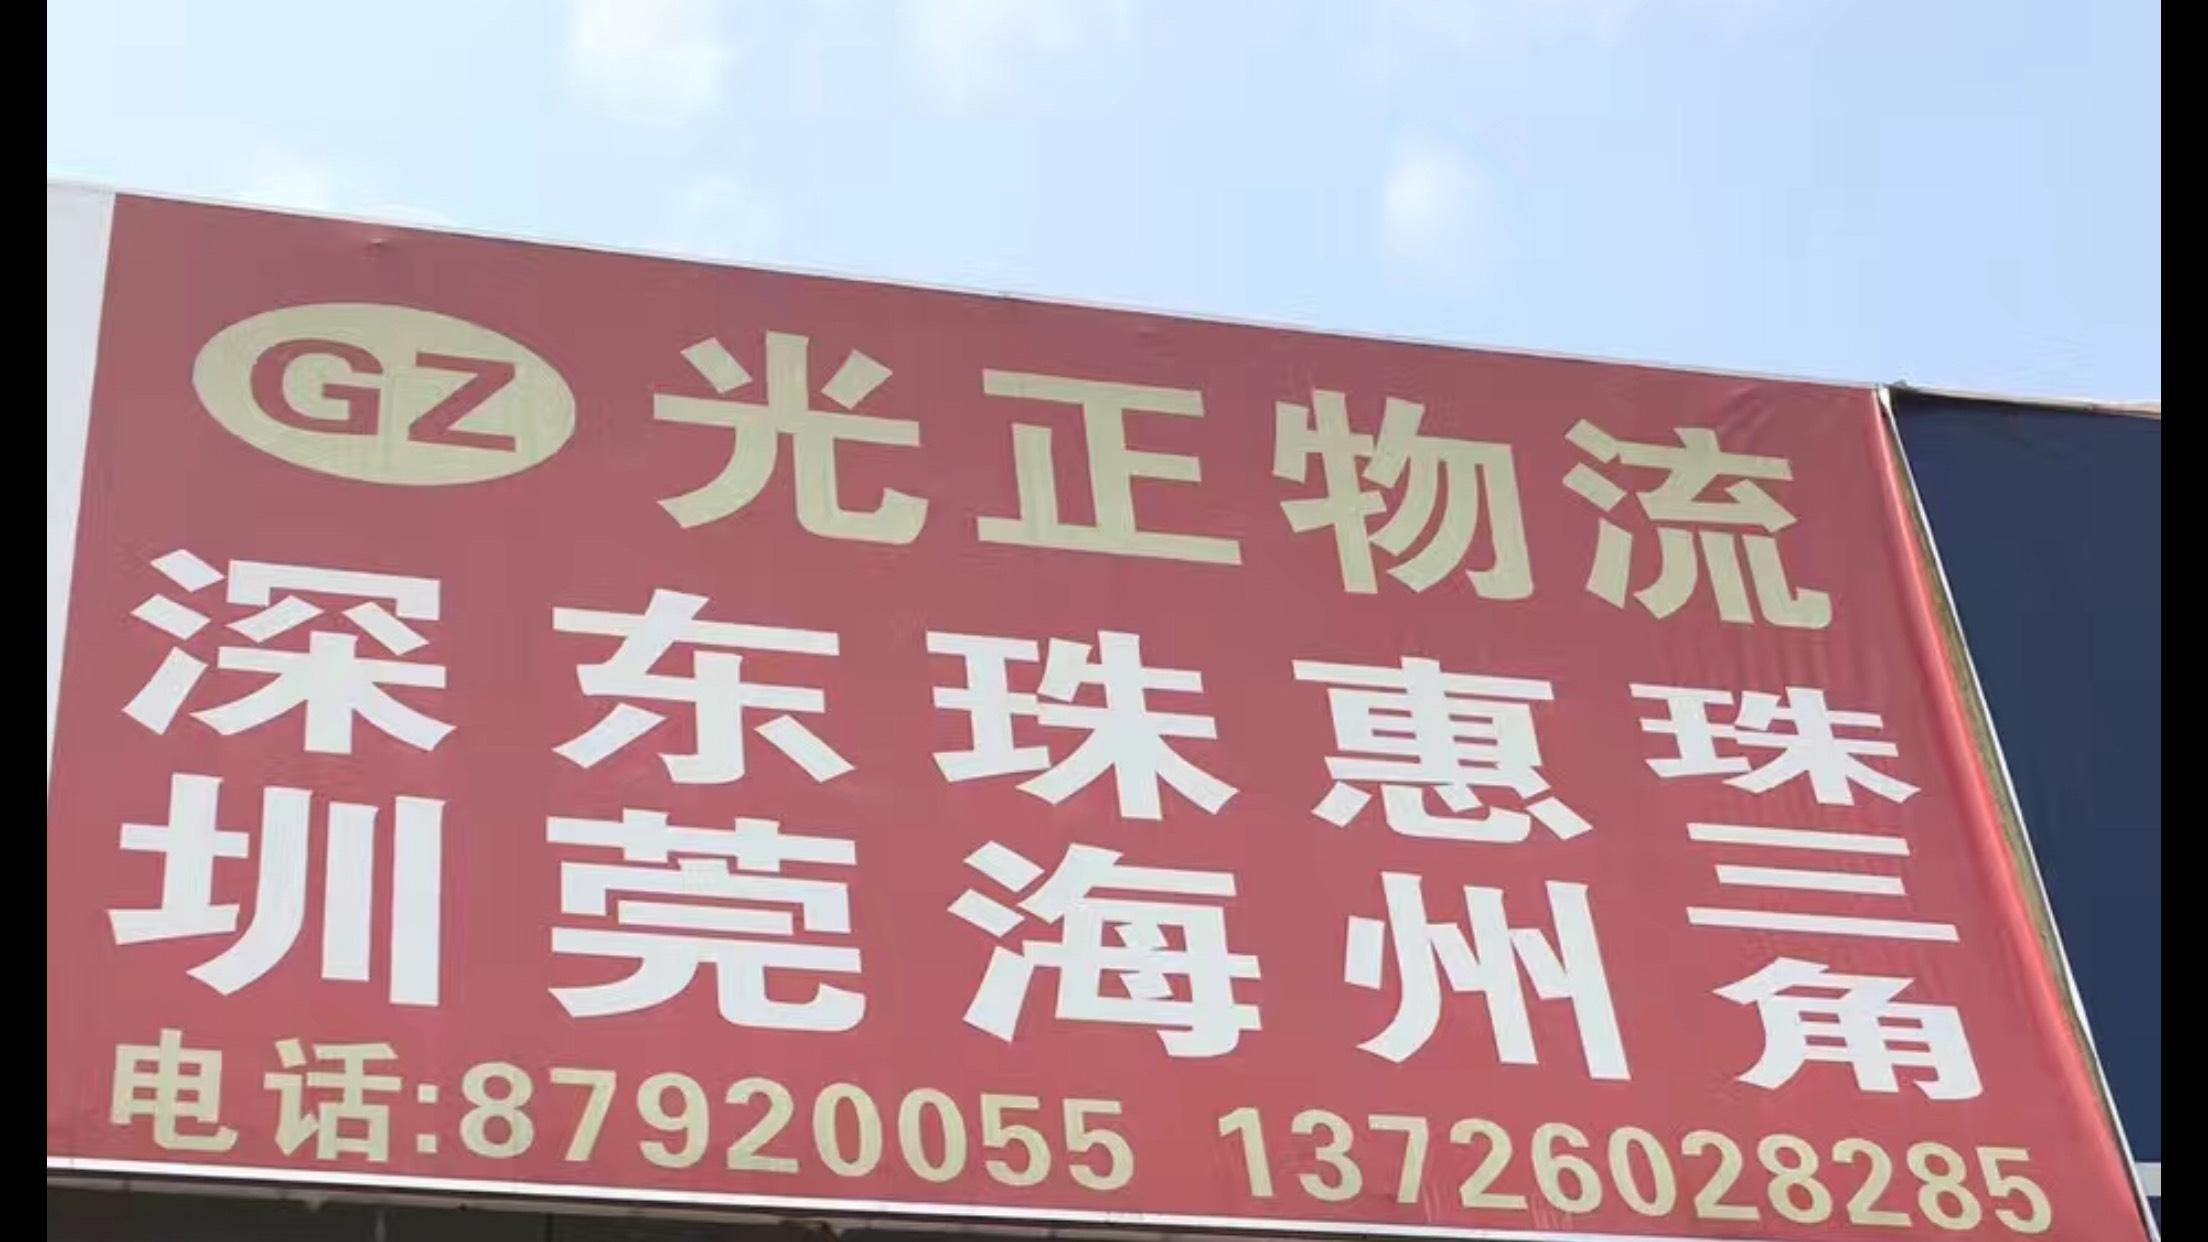 广东省中山市大涌镇到广西壮族自治区崇左市凭祥物流货源信息